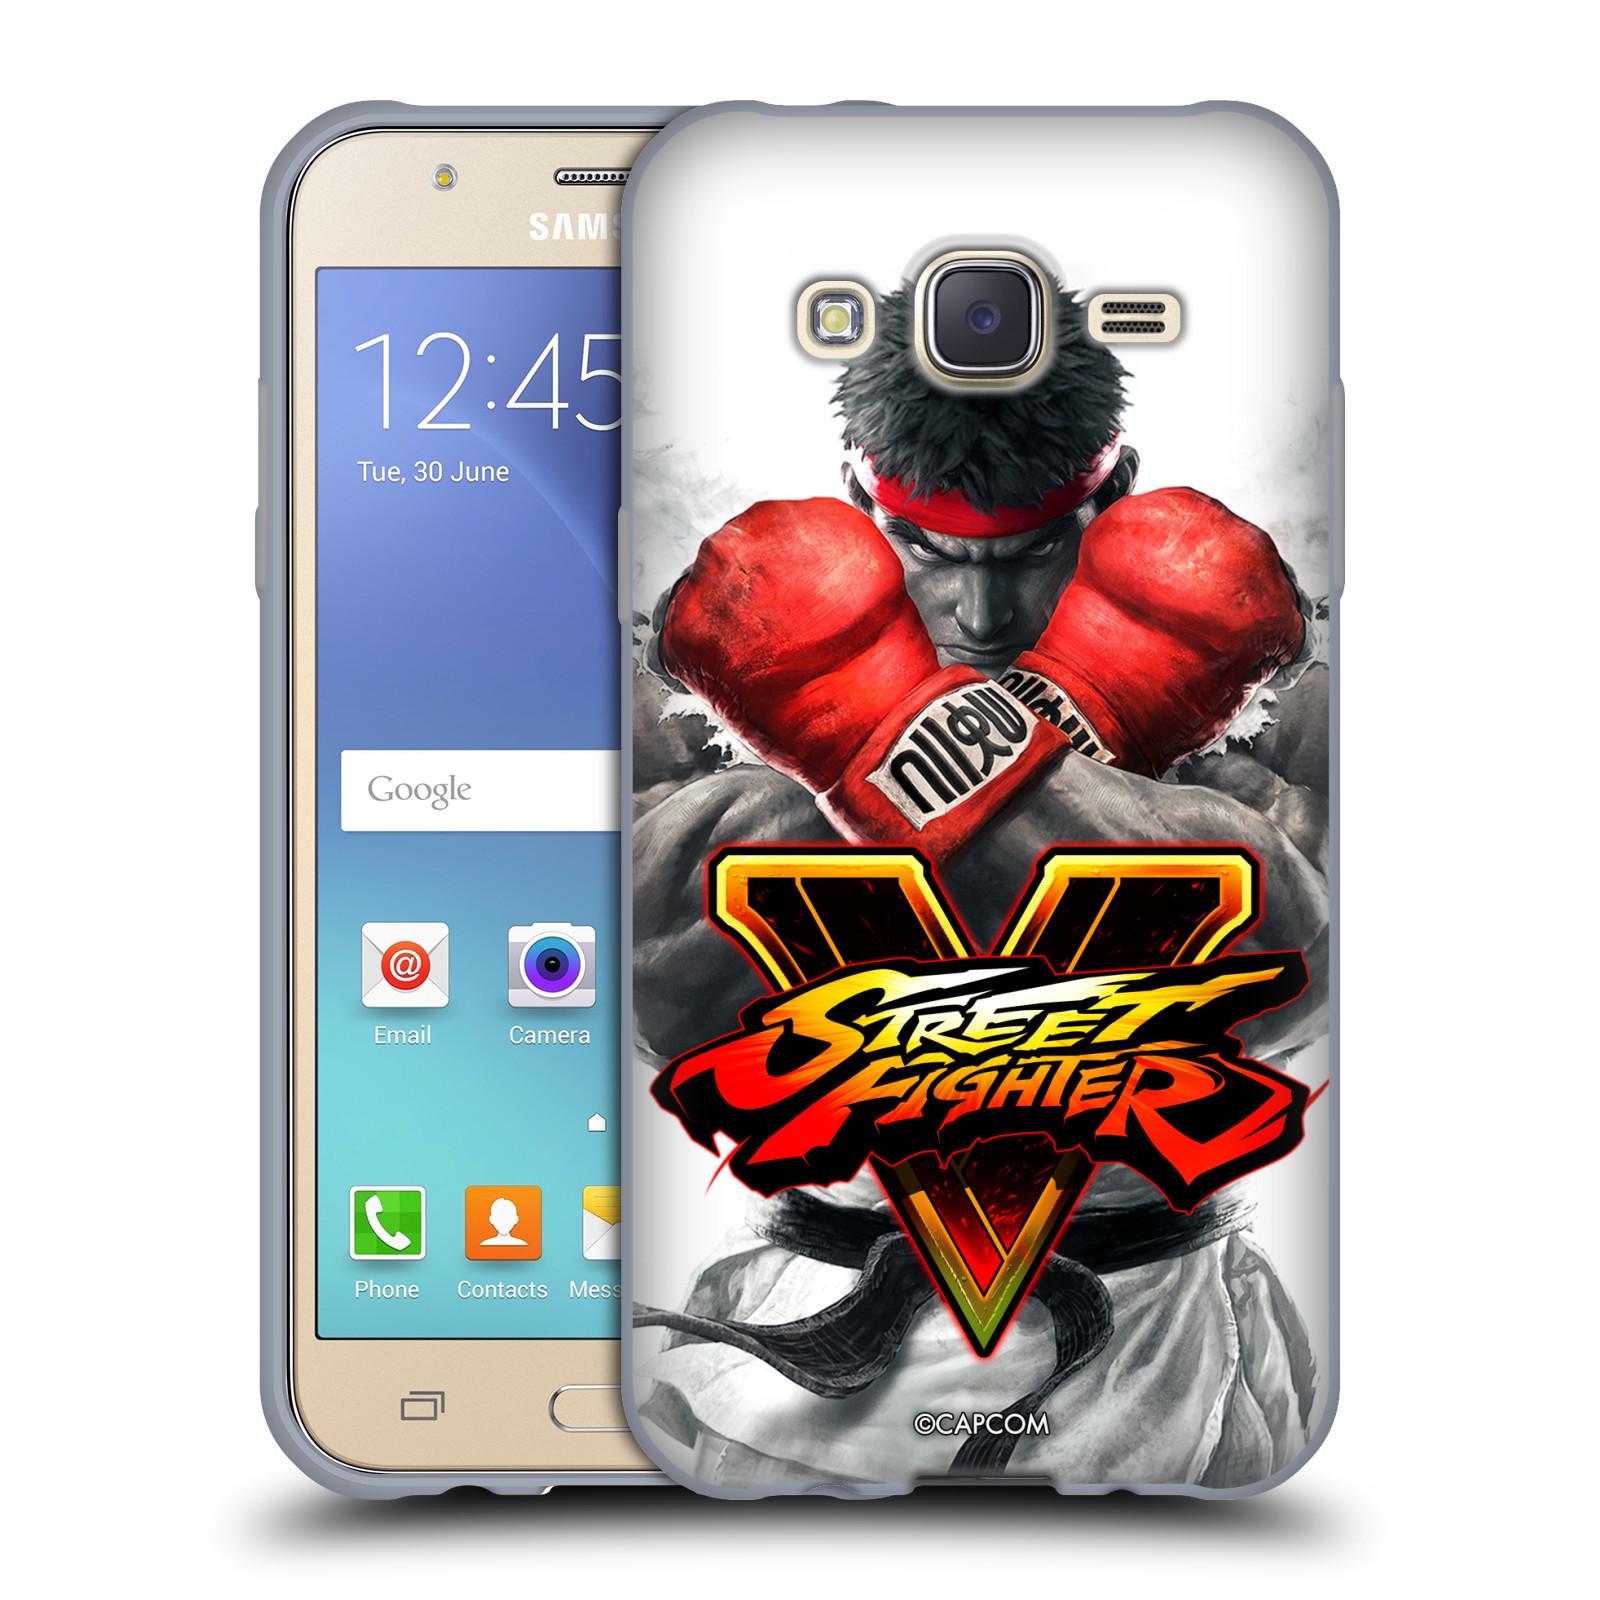 HEAD CASE silikonový obal na mobil Samsung Galaxy J5 2015 (J500) oficiální kryt STREET FIGHTER Boxer Ryu